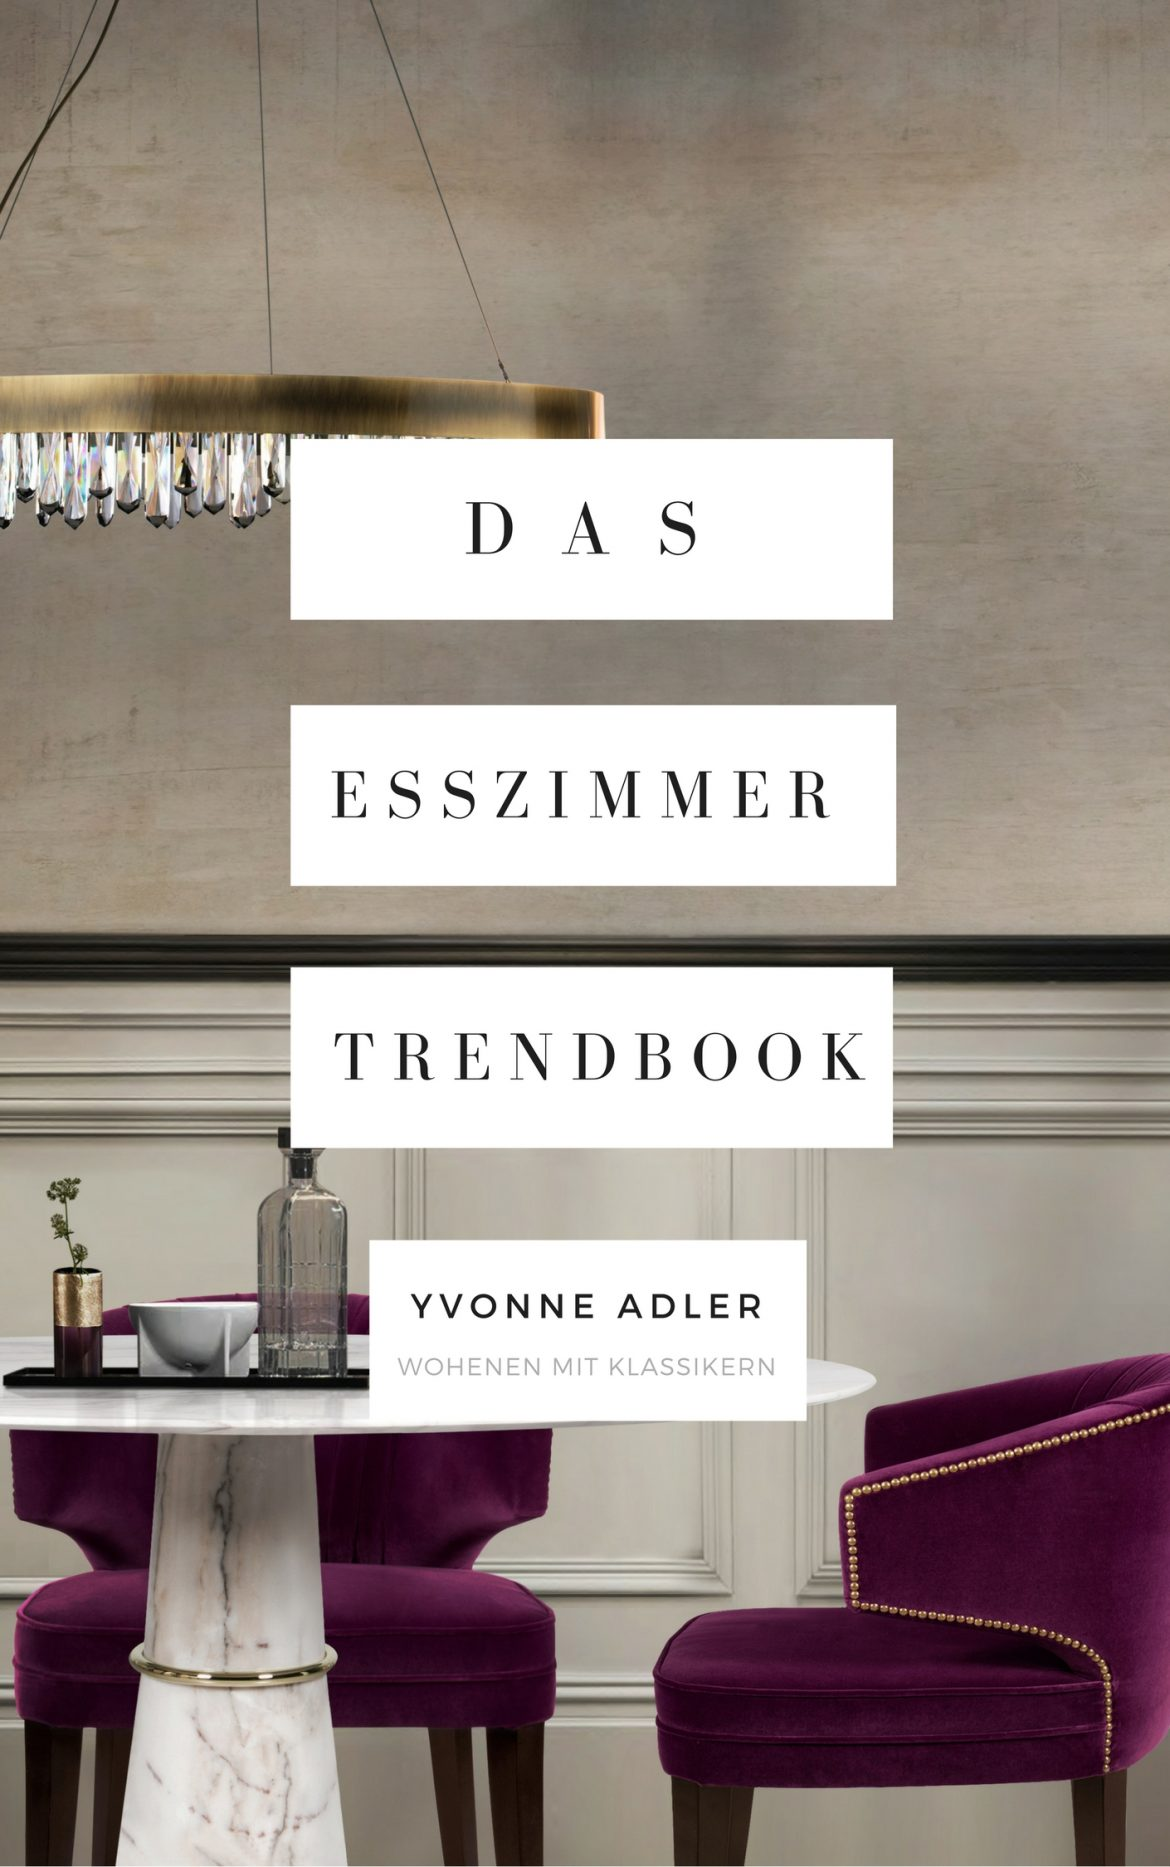 Erstaunliches Esszimmer Trendbook esszimmer trendbook Erstaunliches Esszimmer Trendbook 1